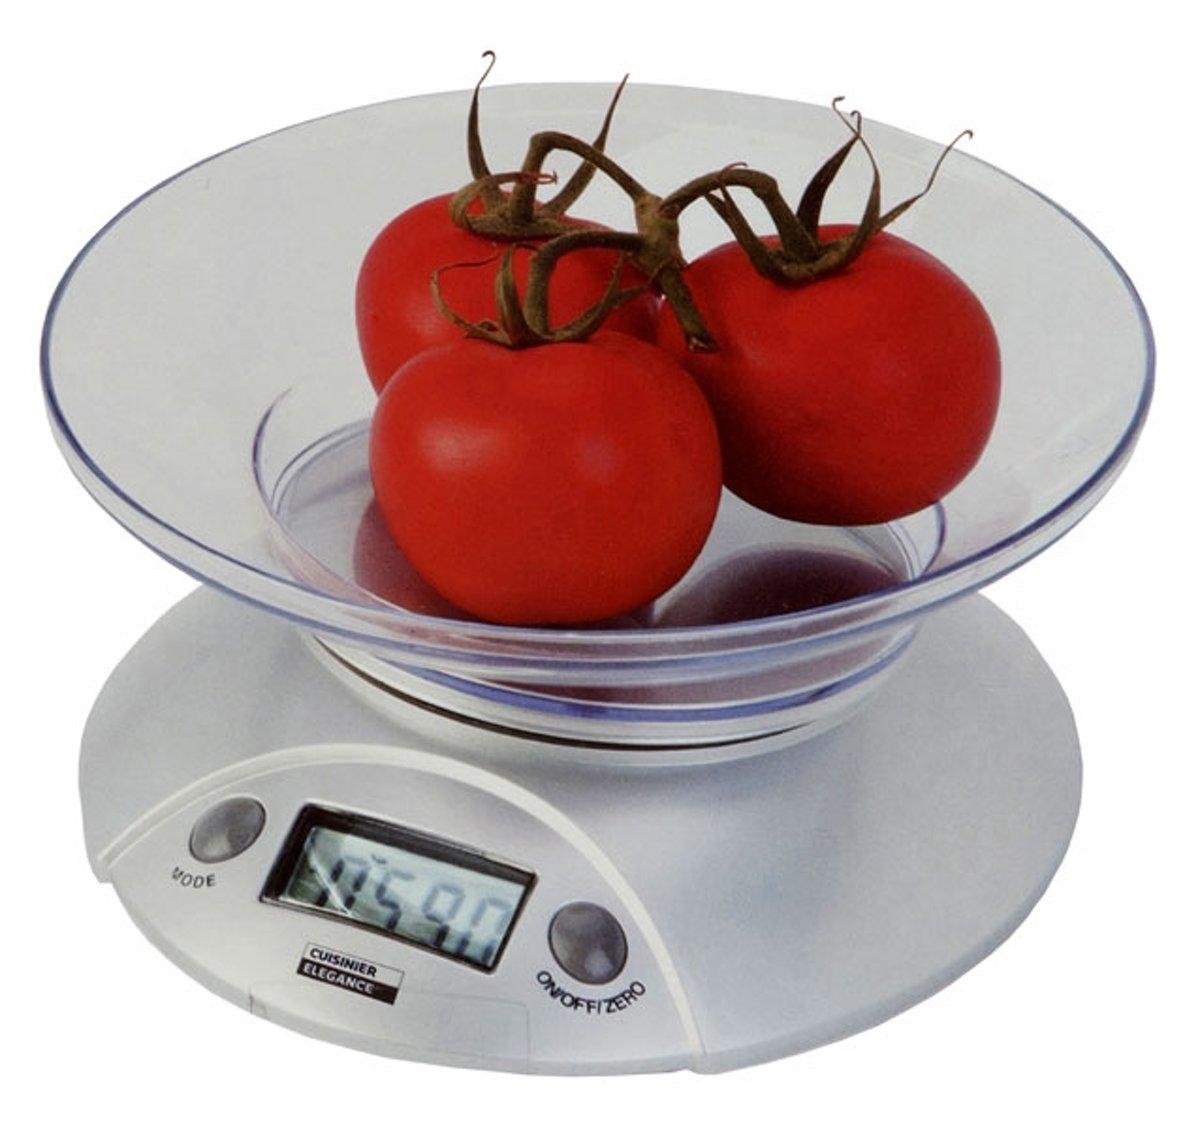 Cuisinier Elegance Digitale keukenweegschaal (3 kg)